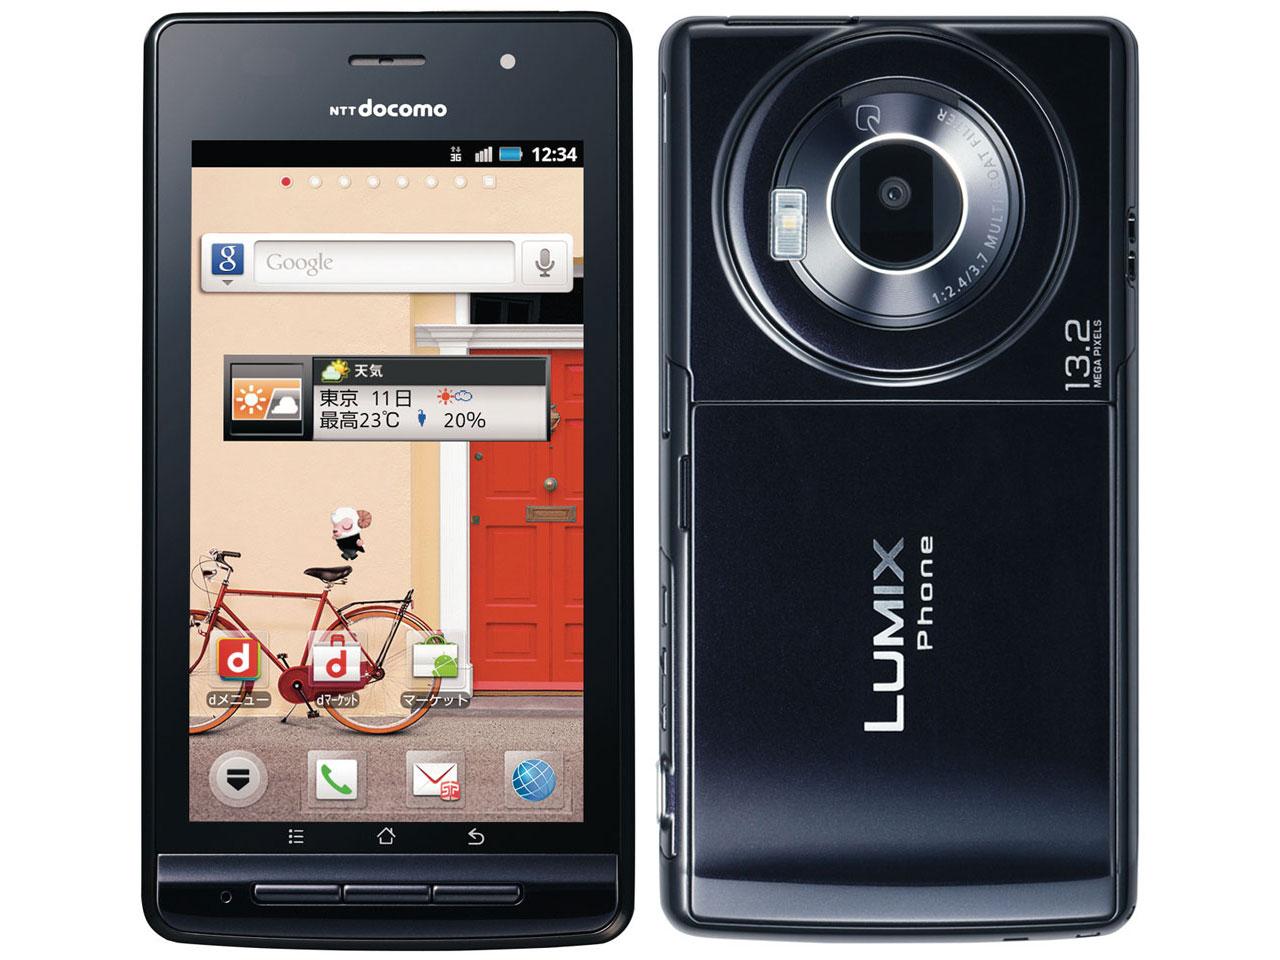 [中古 Cランク] docomo LUMIX Phone P-02D ブラック 本体のみ【送料無料】【エコモ】